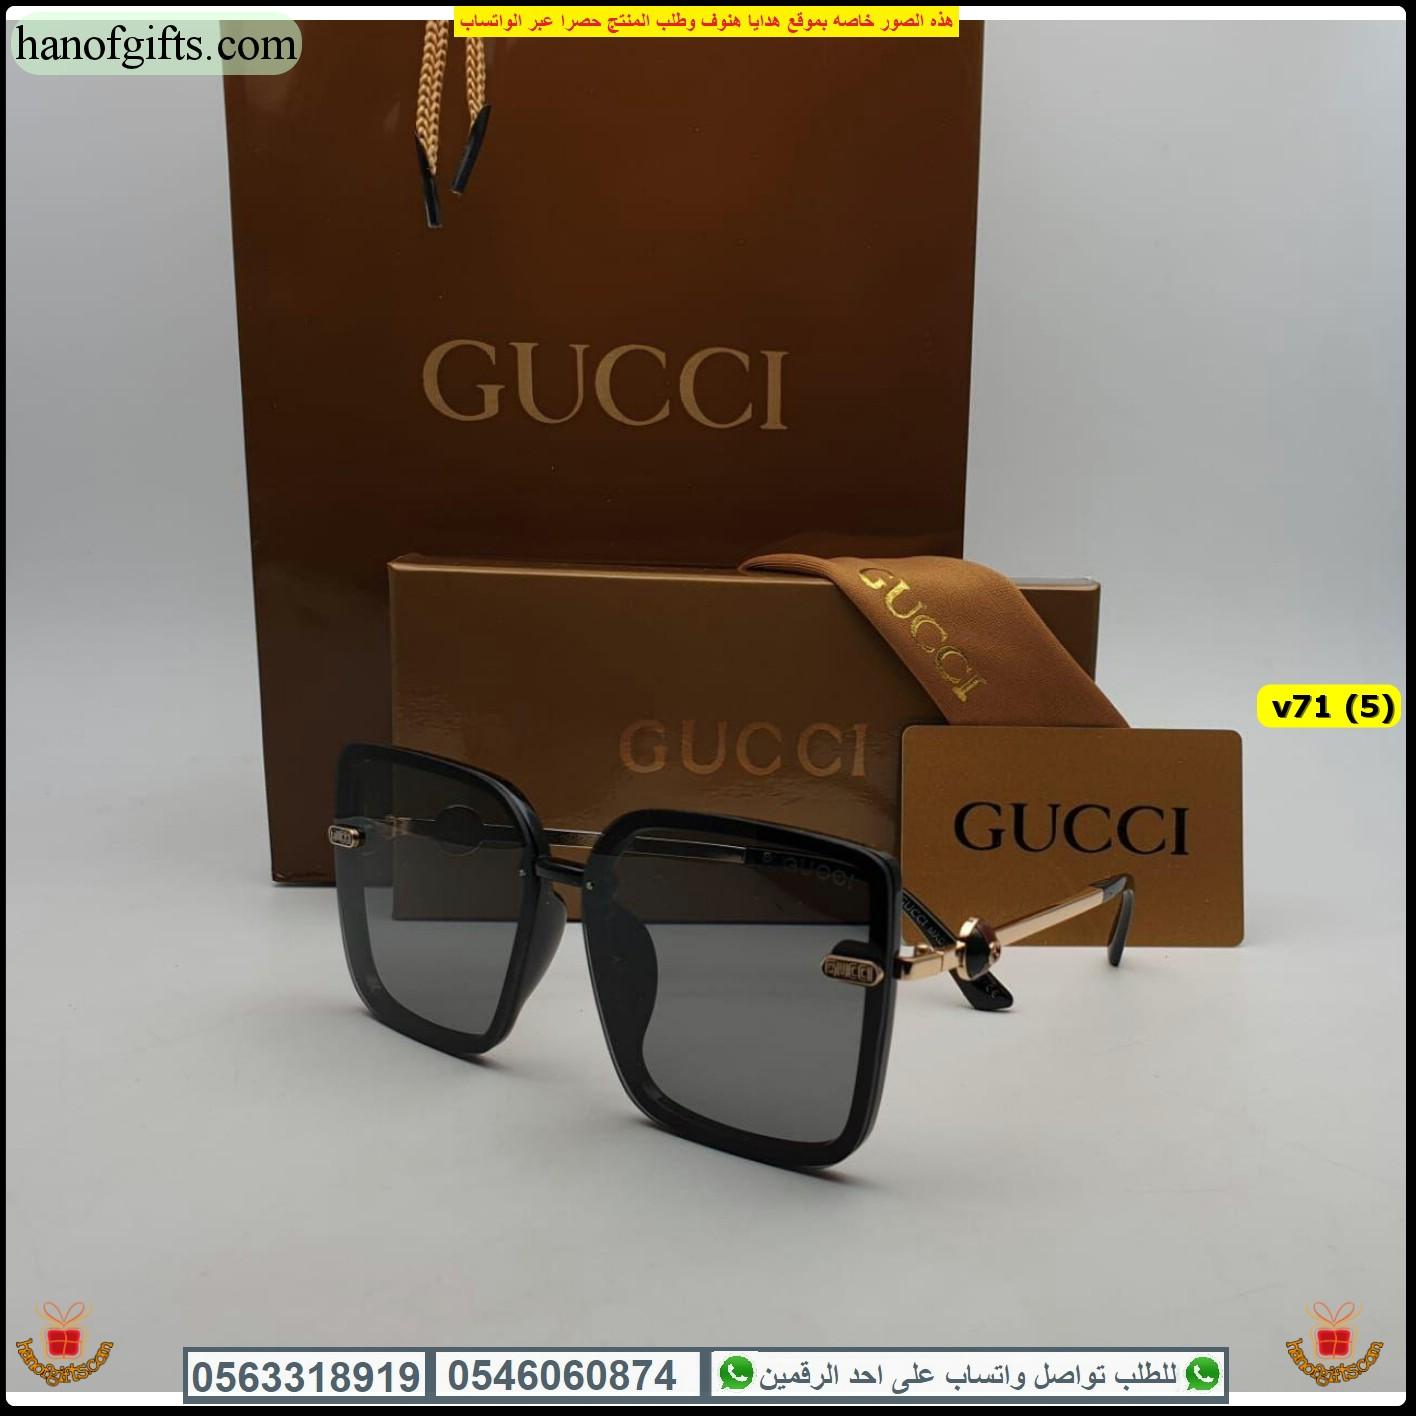 نظارات gucci 2020